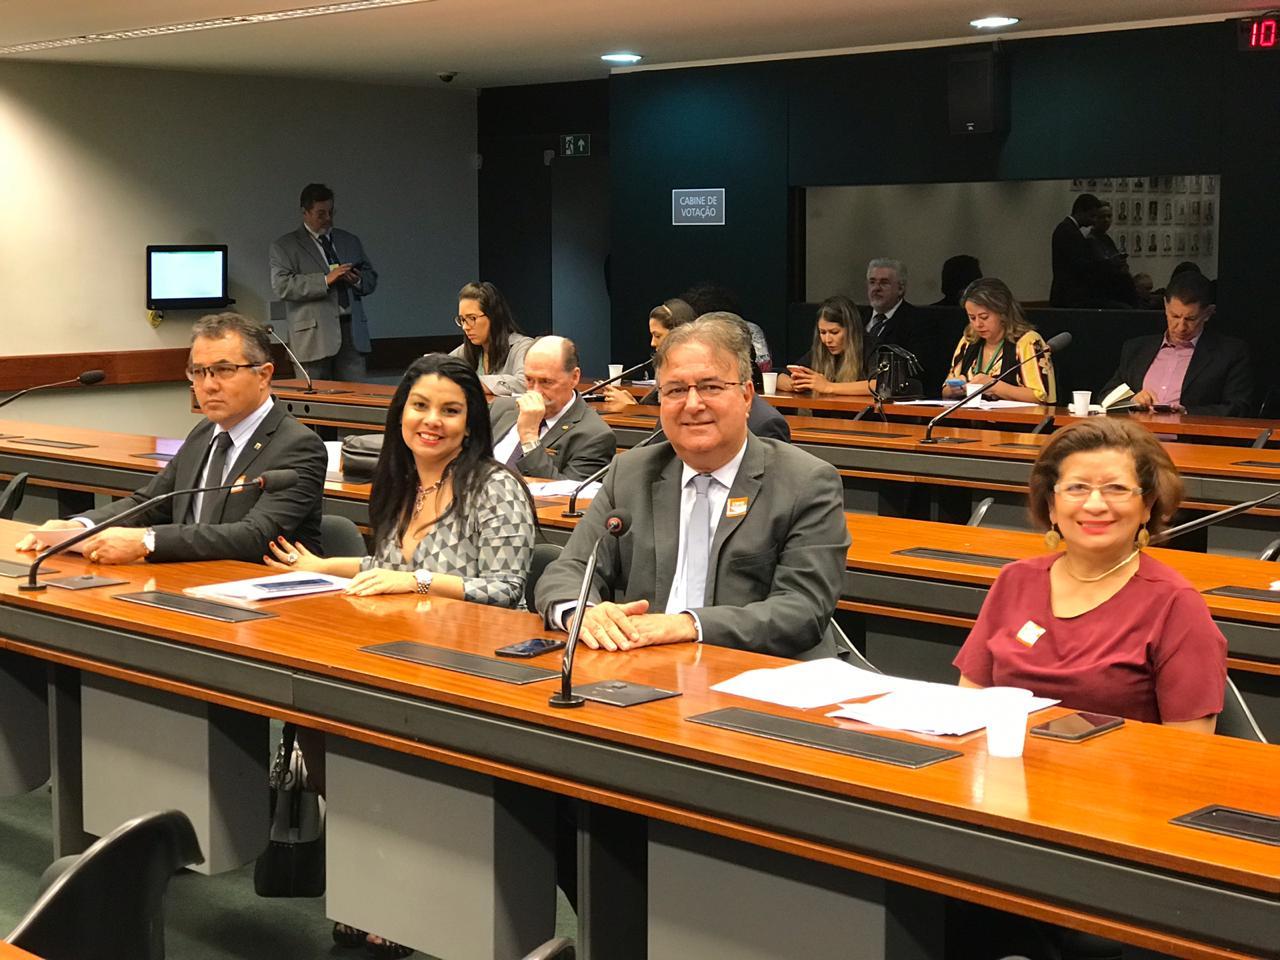 Da esquerda para a direita, representando o Crea-DF: Luiz Soares Correia, Diretor de Relações Institucionais, Karine Moreira, Assessora e Presidente da ABAP, o Chefe do Departamento Técnico, Gilberto Campos e a Chefe de Gabinete, Lia Sá.